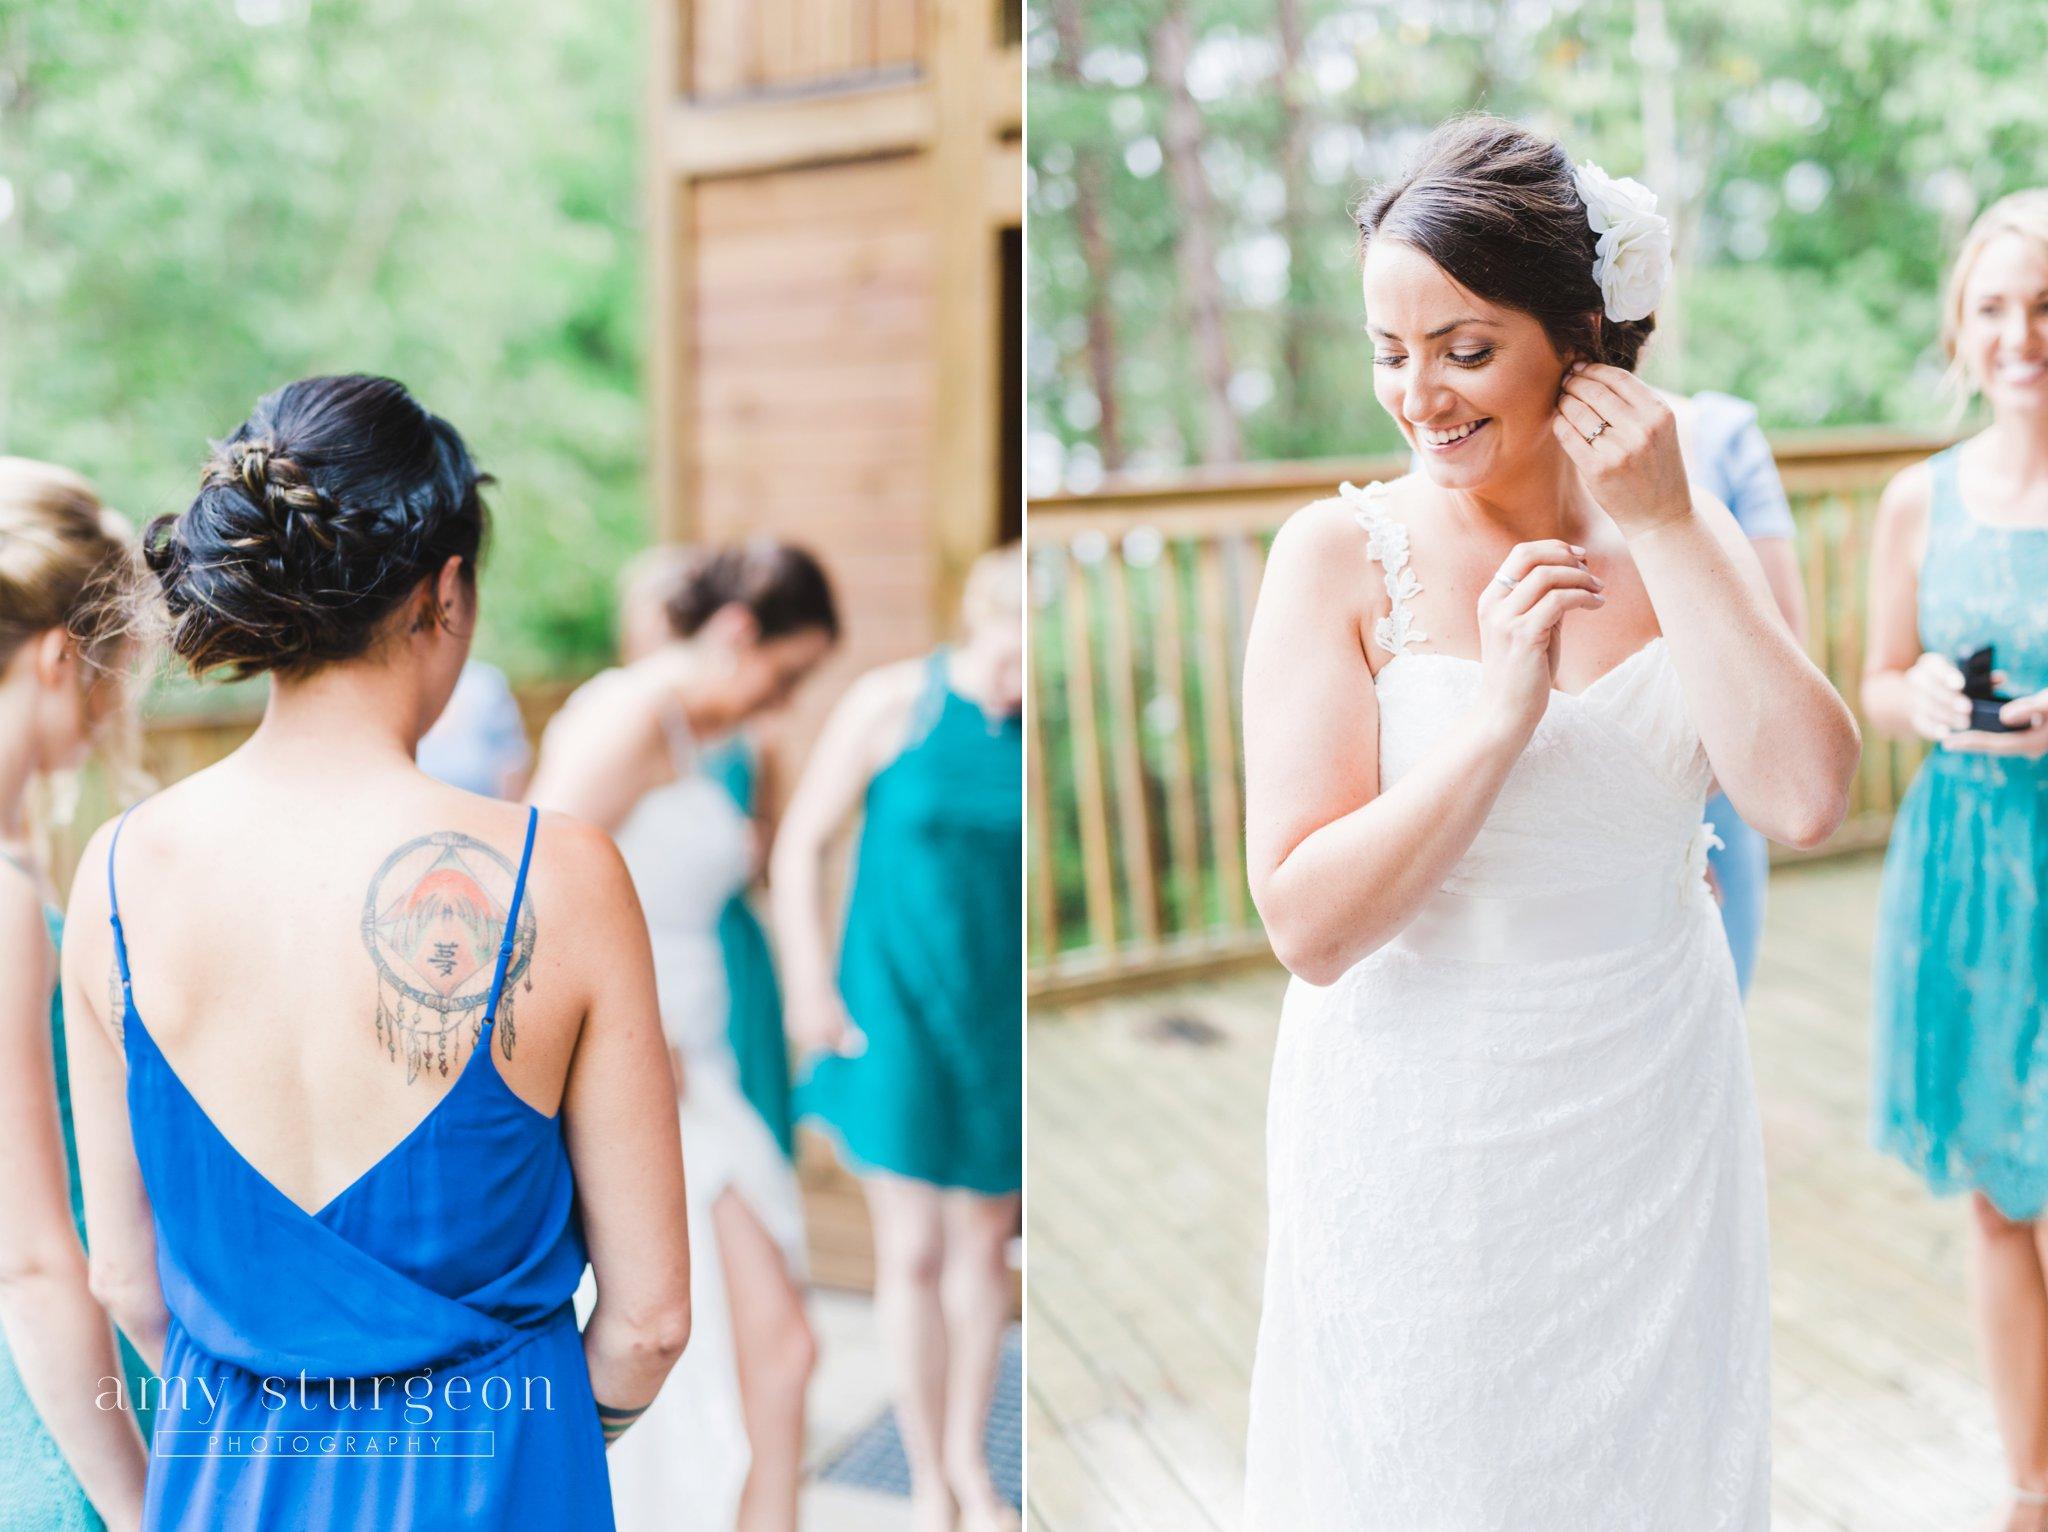 amy-sturgeon-photography_stonefields-wedding_ottawa_1282